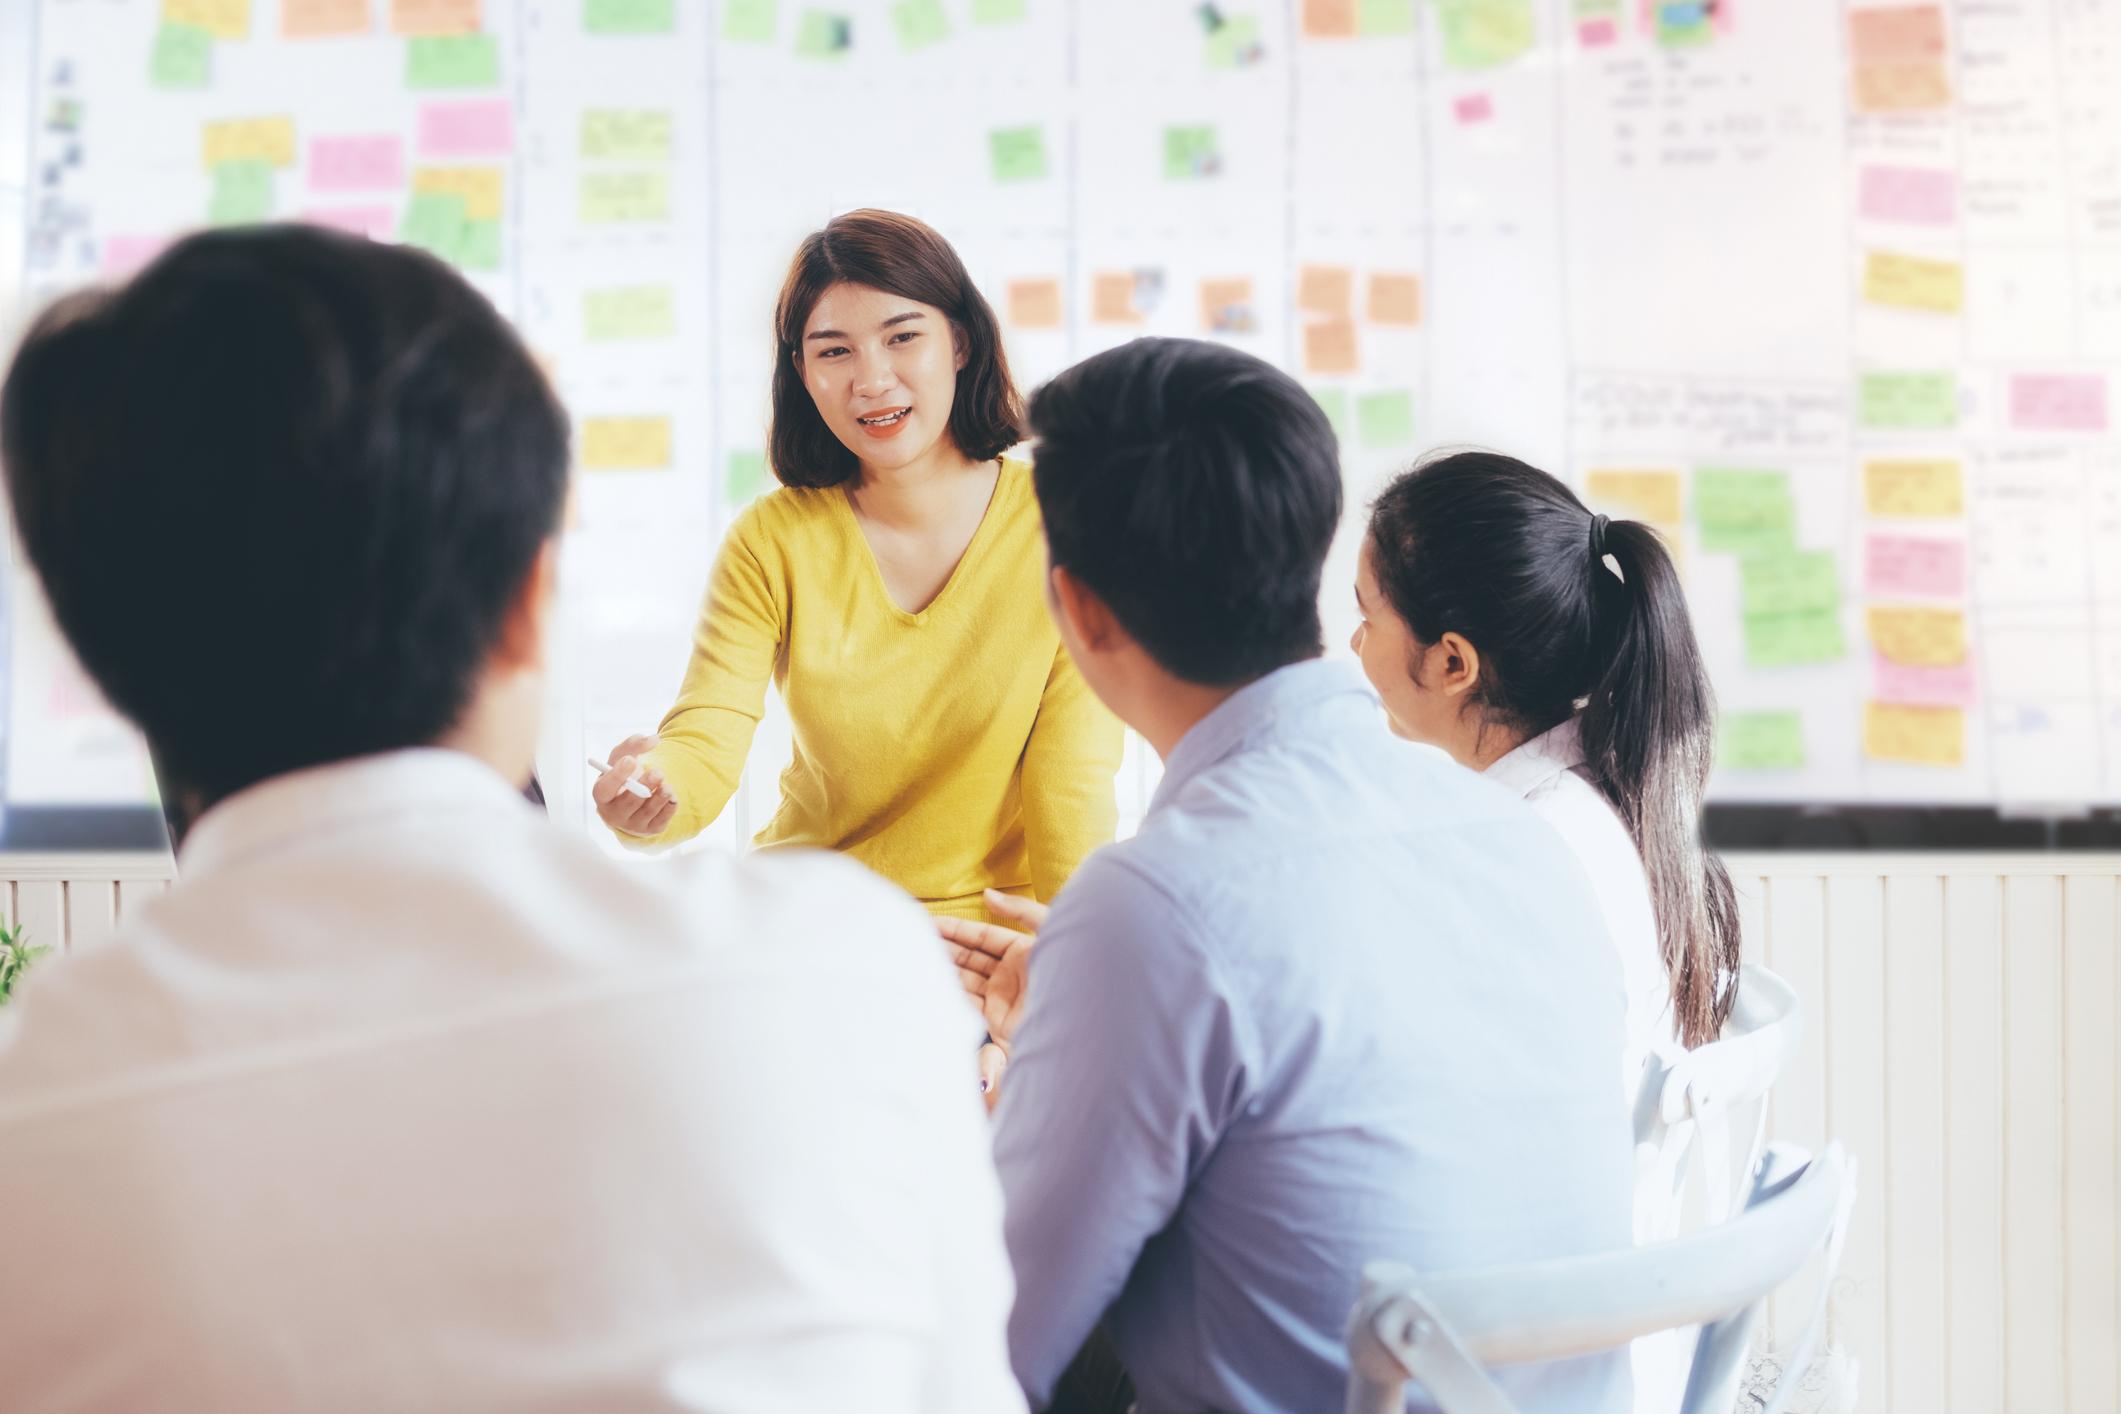 Leading an Agile Team